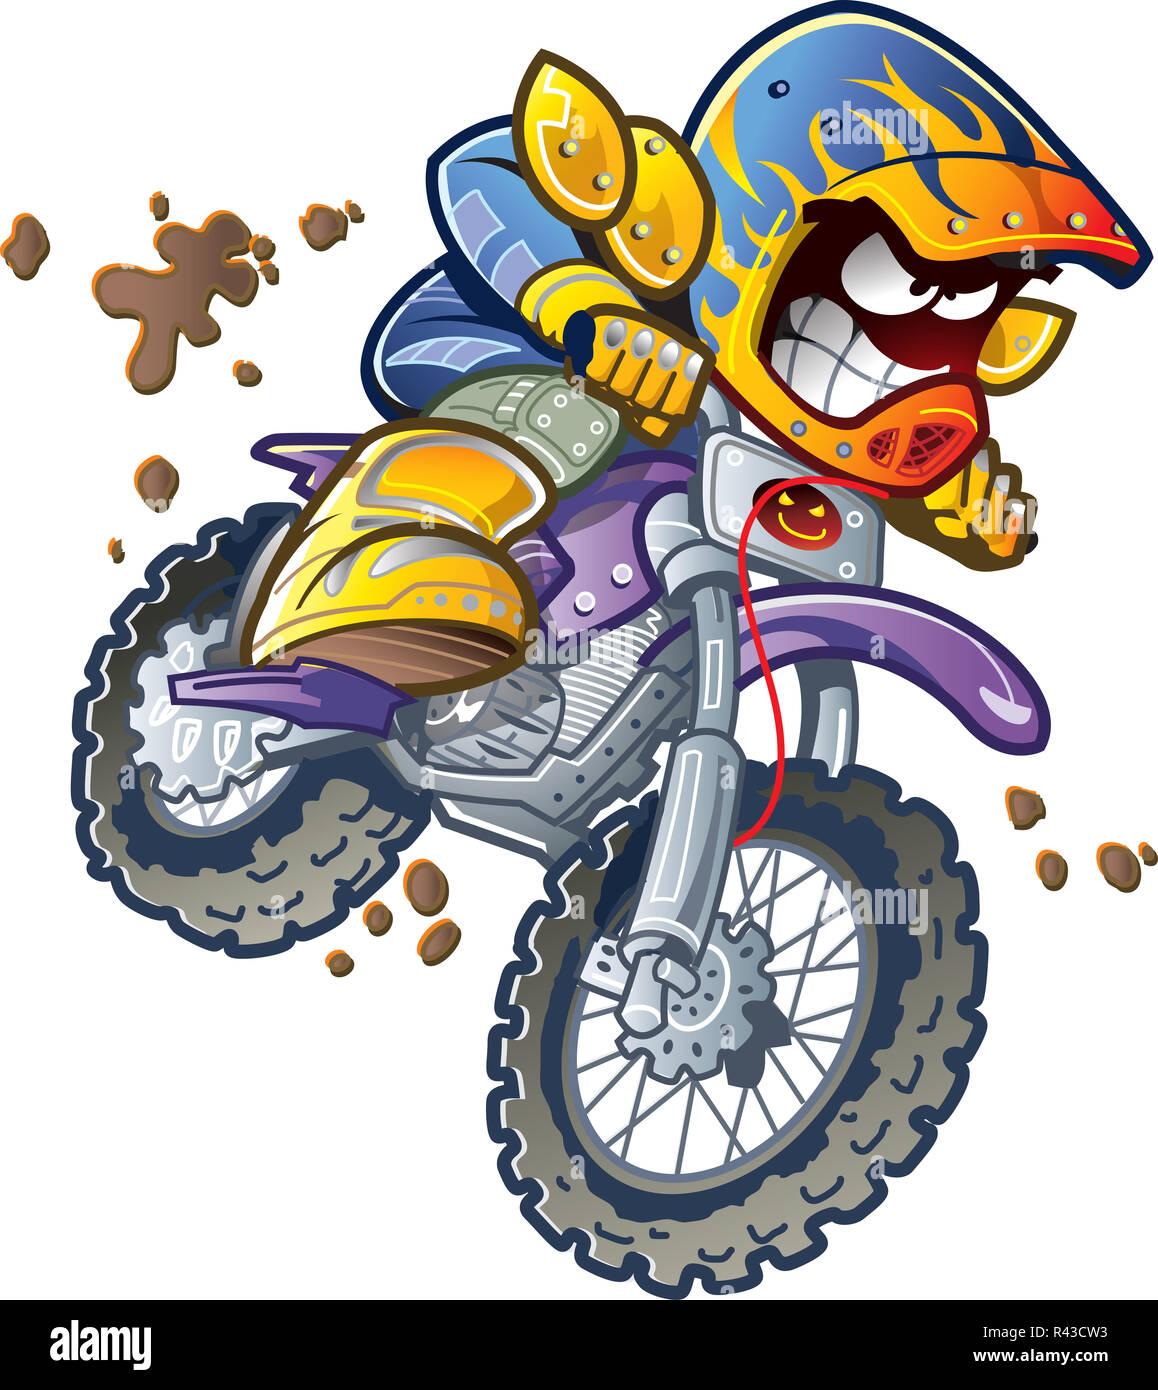 Speed Racer Cartoon Stock Photos Speed Racer Cartoon Stock Images